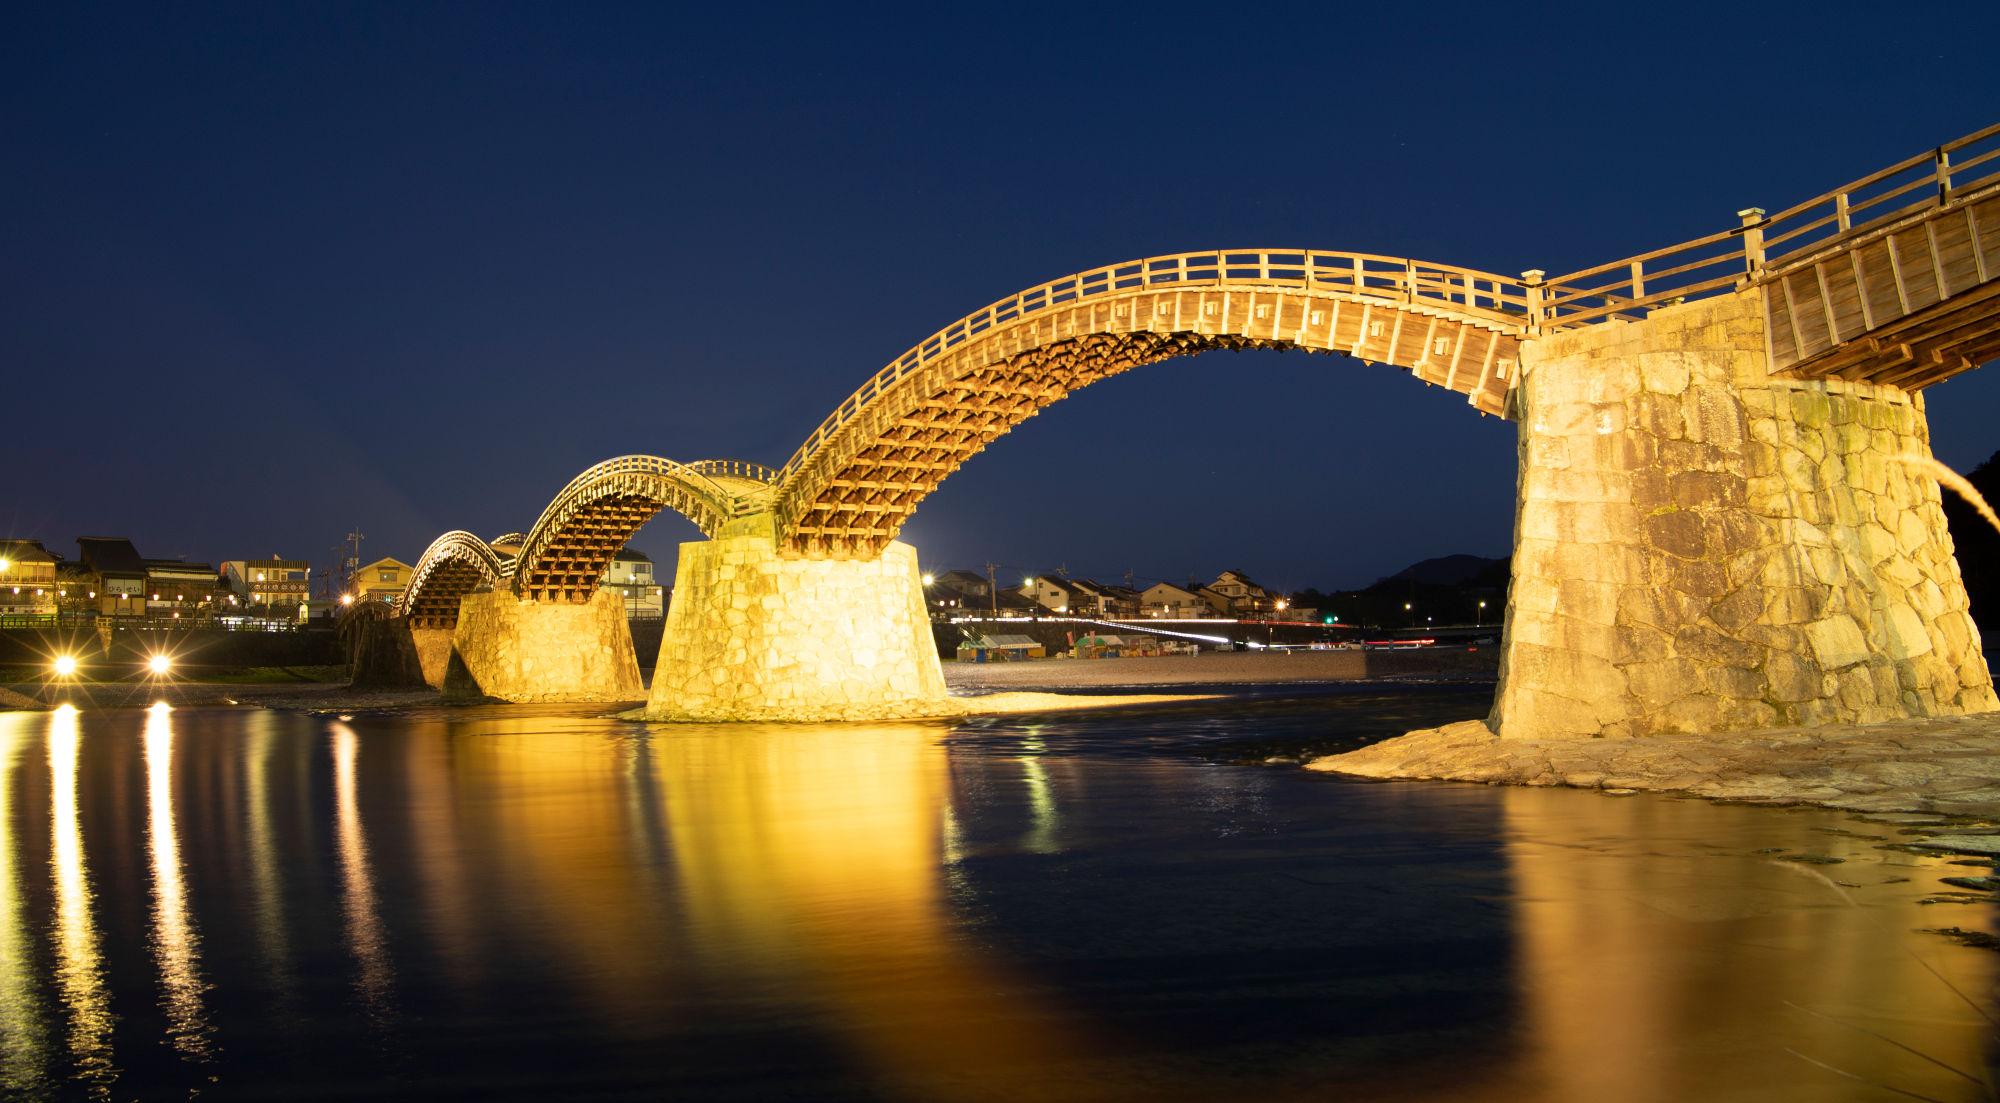 錦帯橋の夜景